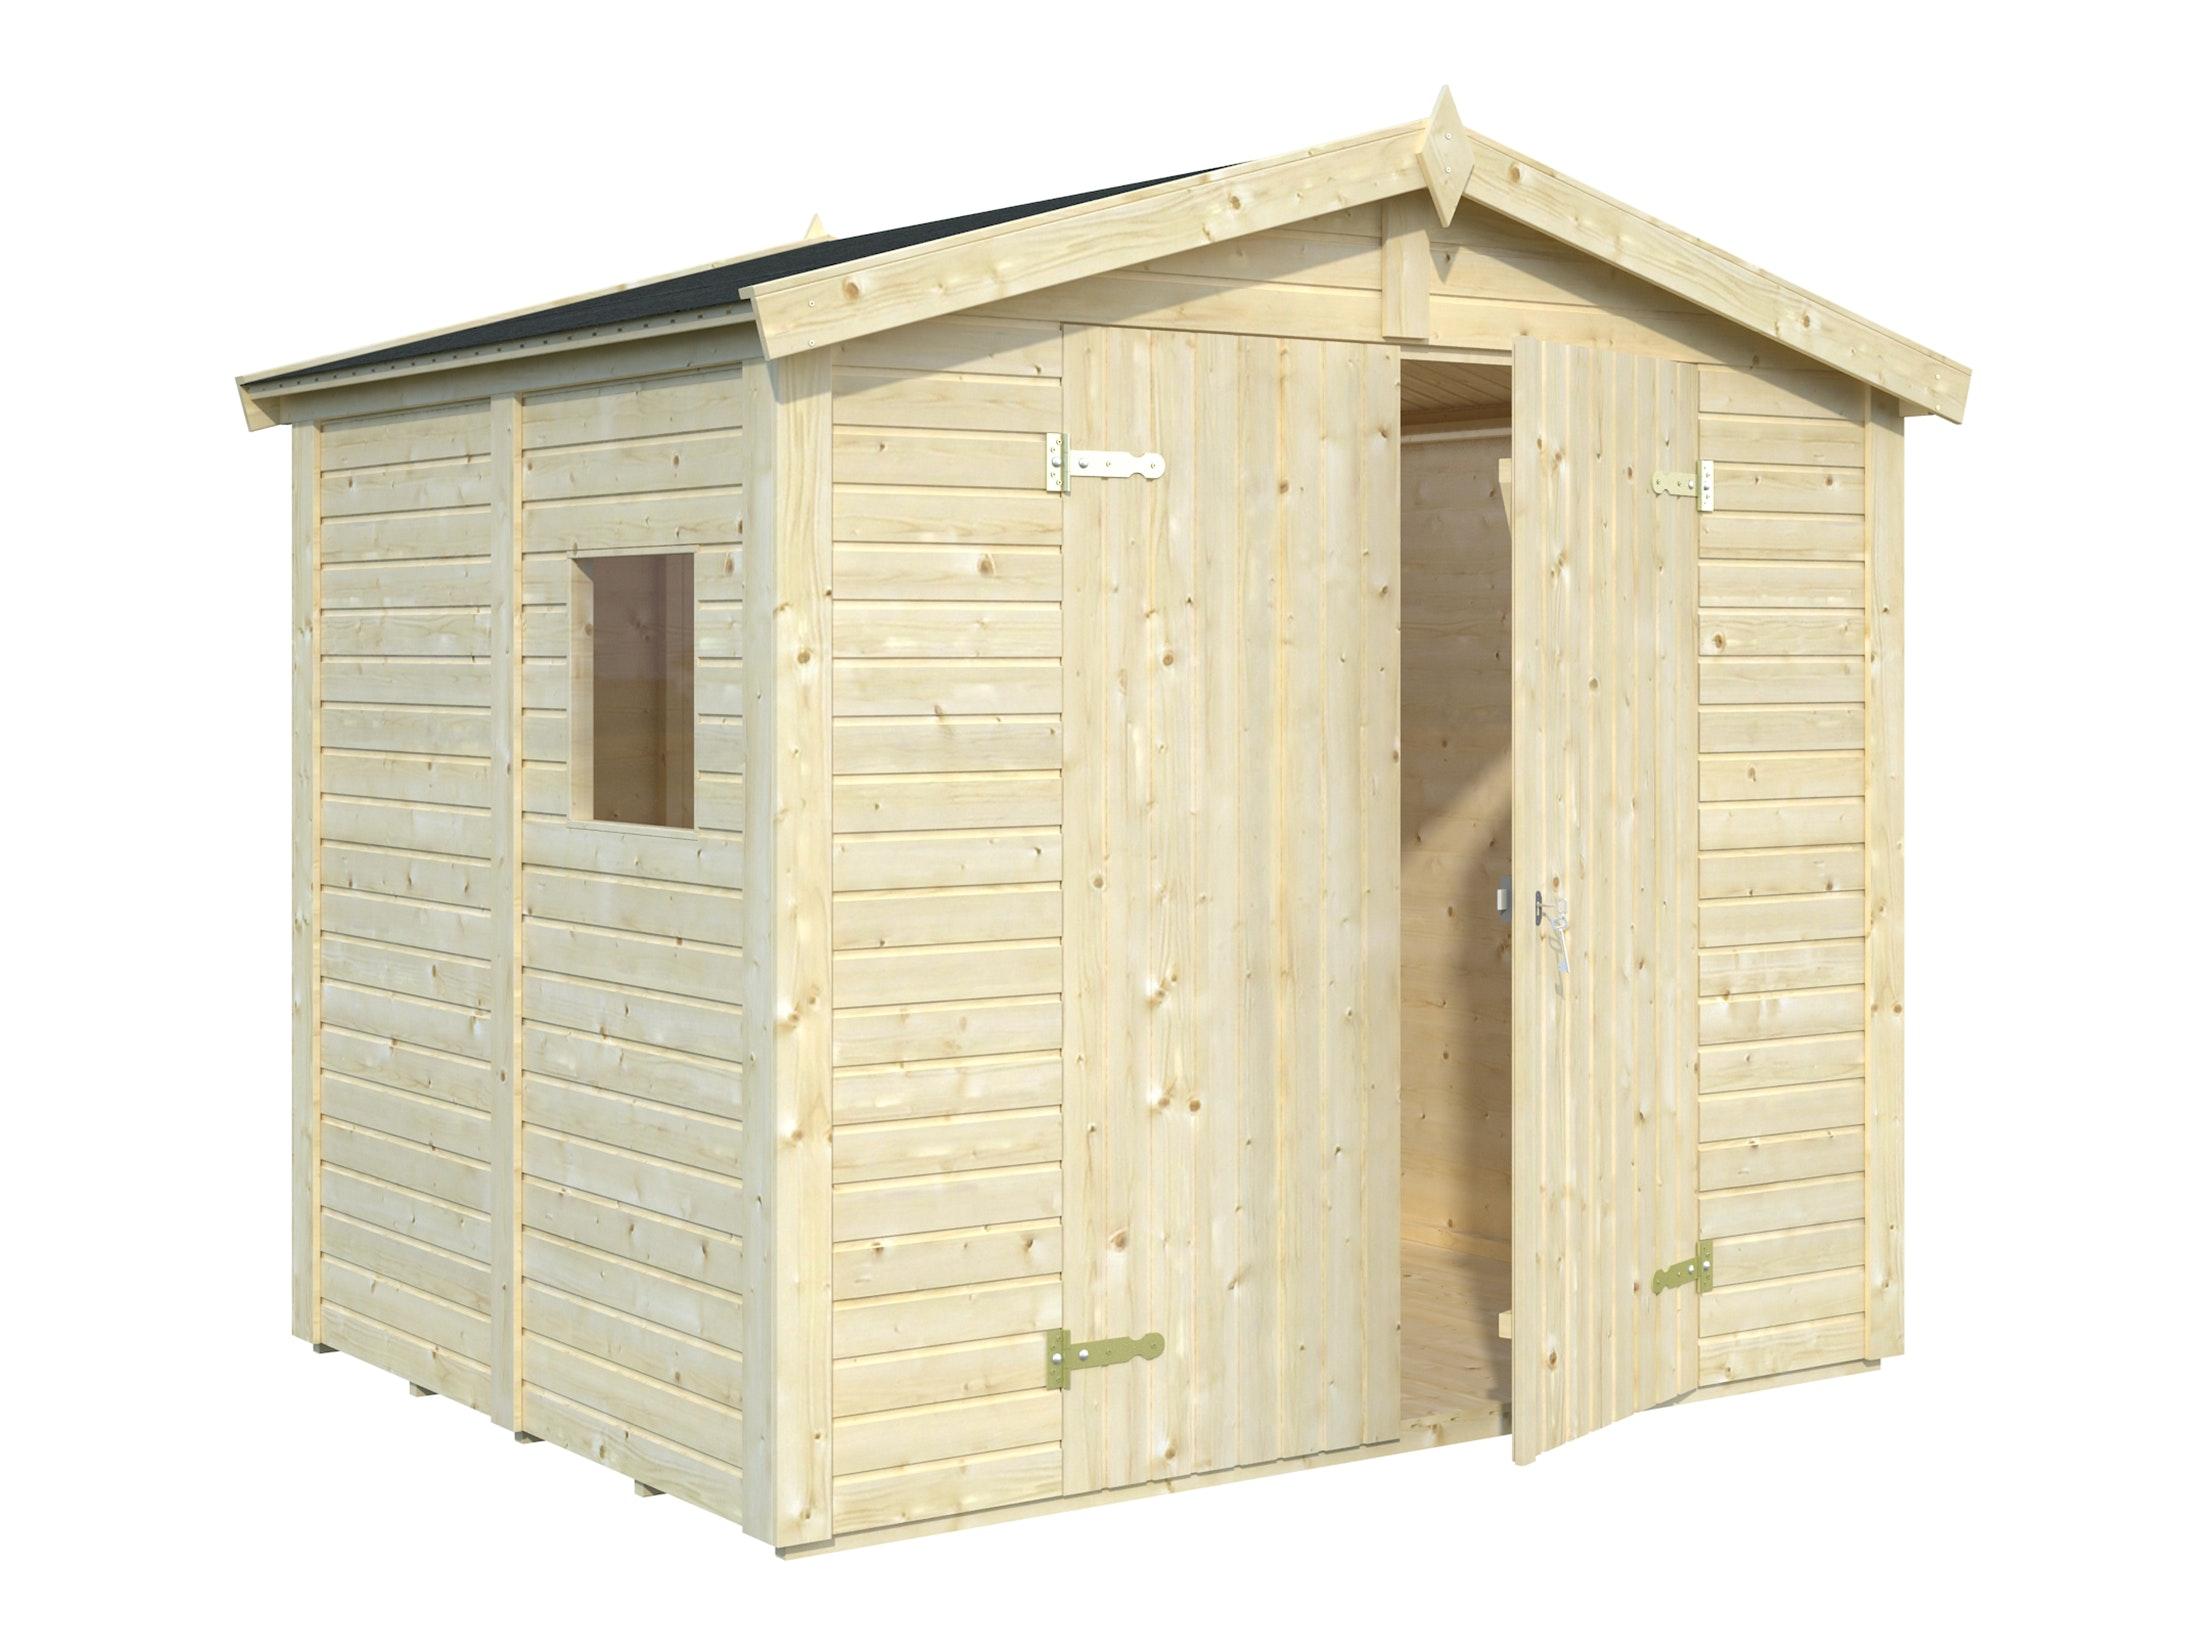 Wooden Garden Shed Dan 2.43m x 1.9m x 1.9m